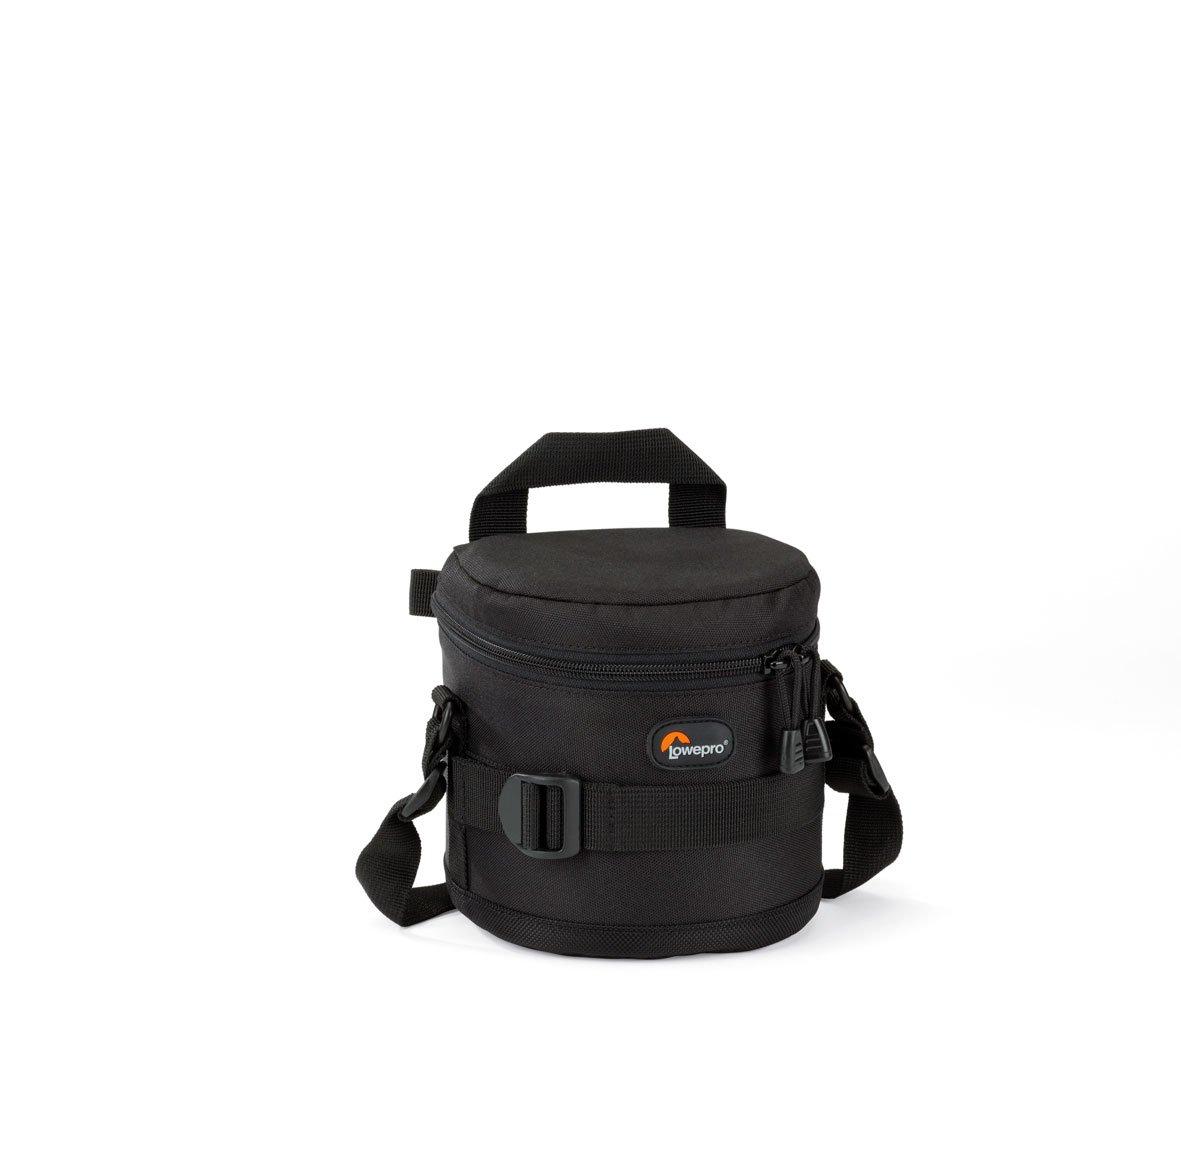 Lowepro Lens Case 11 x 11 cm (Black) by Lowepro